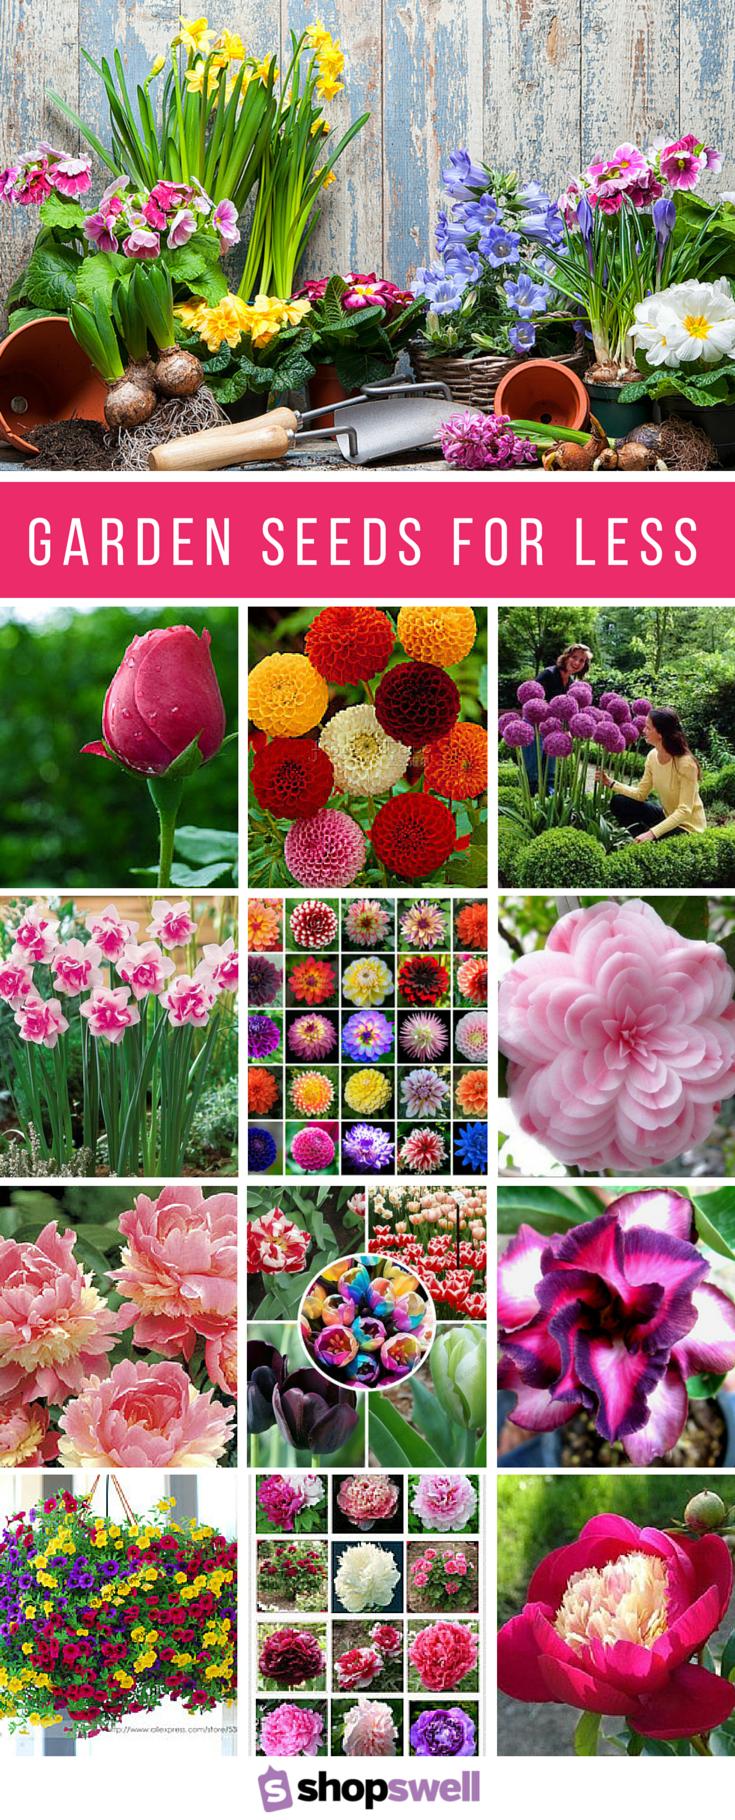 您不一定要付出高昂的代价才能获得优质的花园种子。这18种花卉种子包价格非常便宜,并有评论证明它们将在您的花园中生产出美丽。现在购买种子收藏!